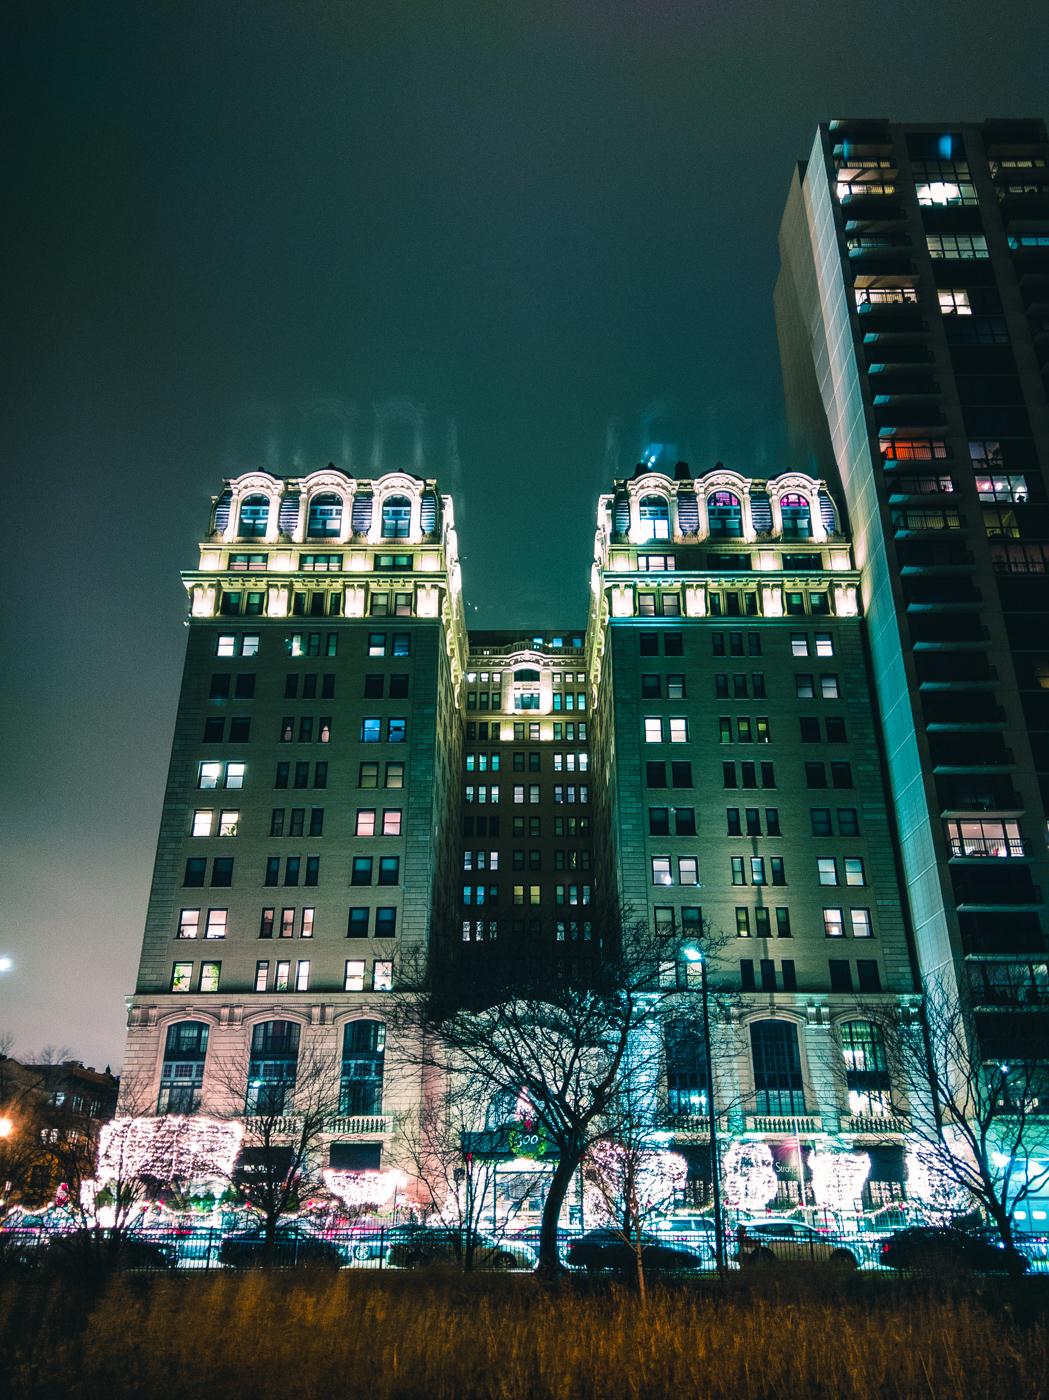 Belden Stratford, Chicago. HTC U11. 32s, f/1.7, ISO 100